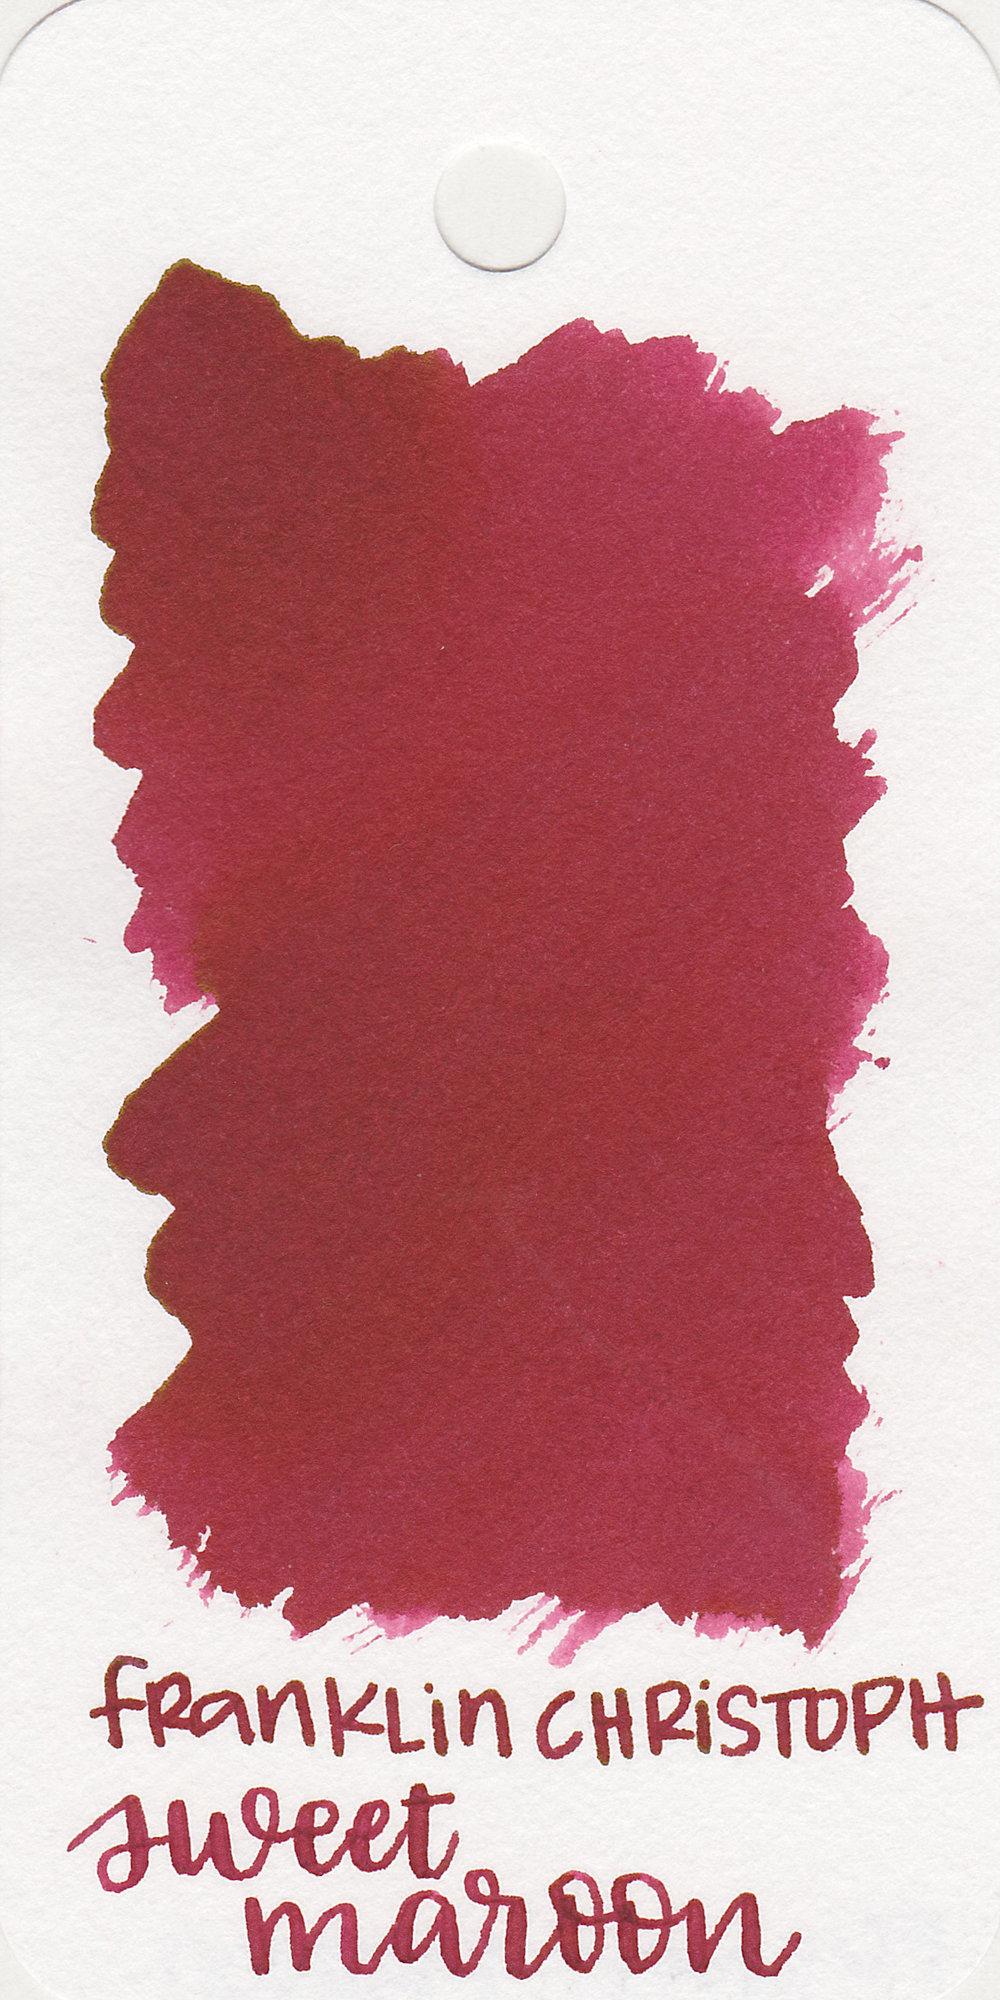 fc-sweet-maroon-1.jpg